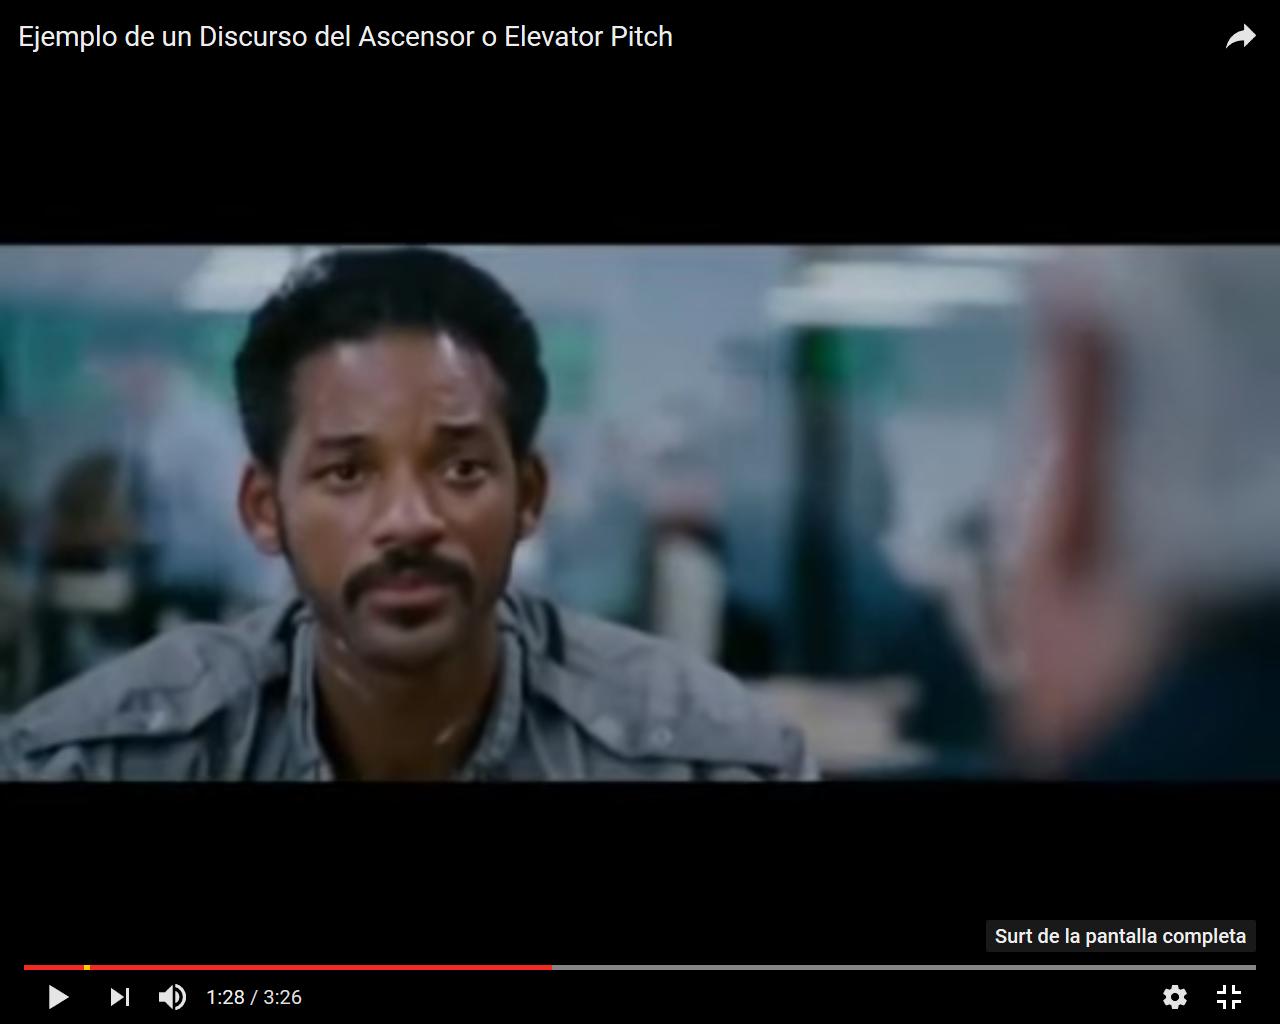 Elevator Pitch vídeo 1